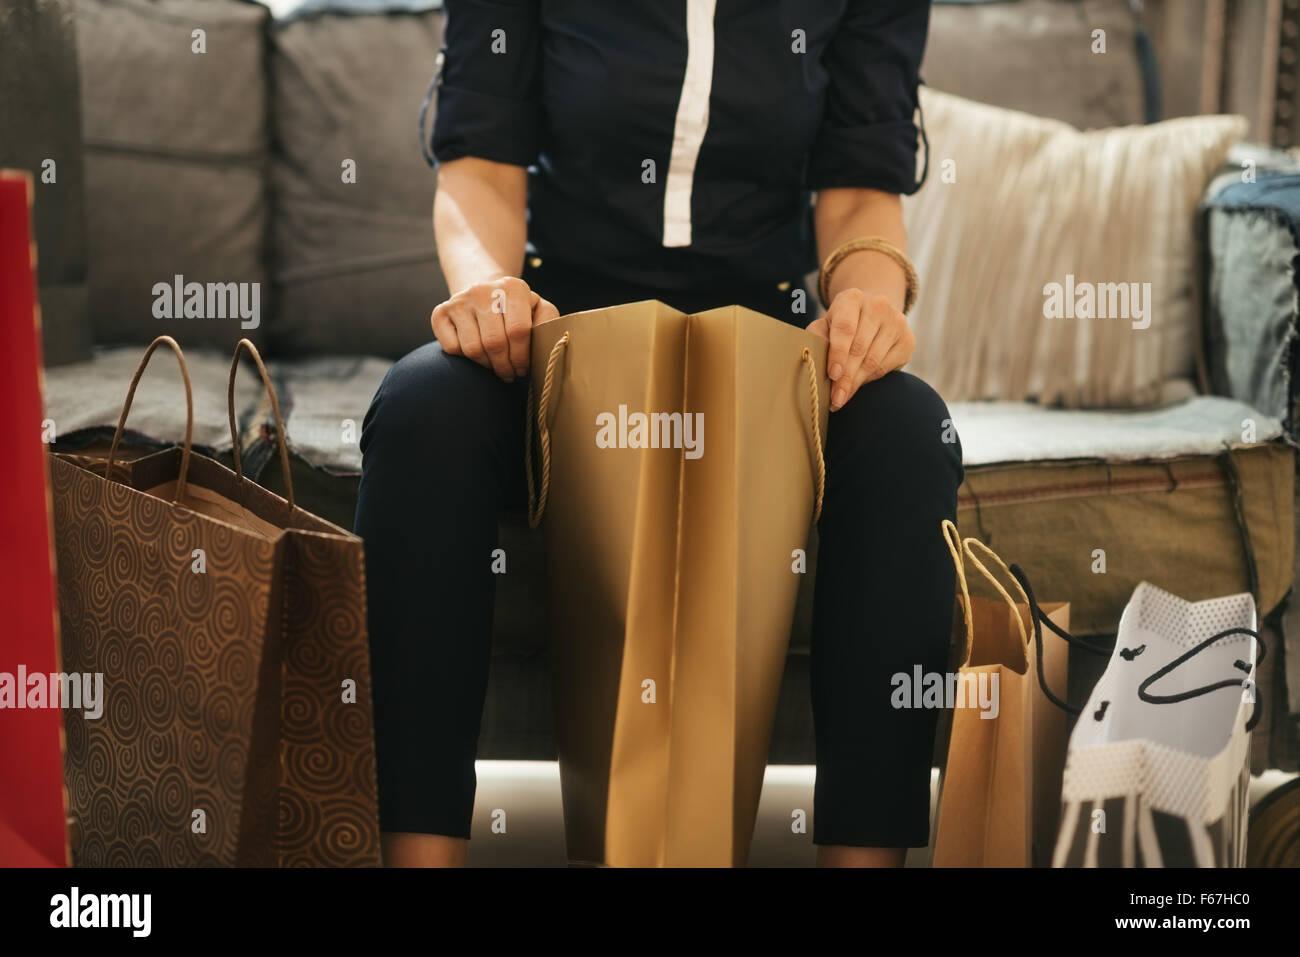 Gros plan sur l'élégante femme assis sur le divan de loft dans purchasings et contrôle de nouveau. Photo Stock